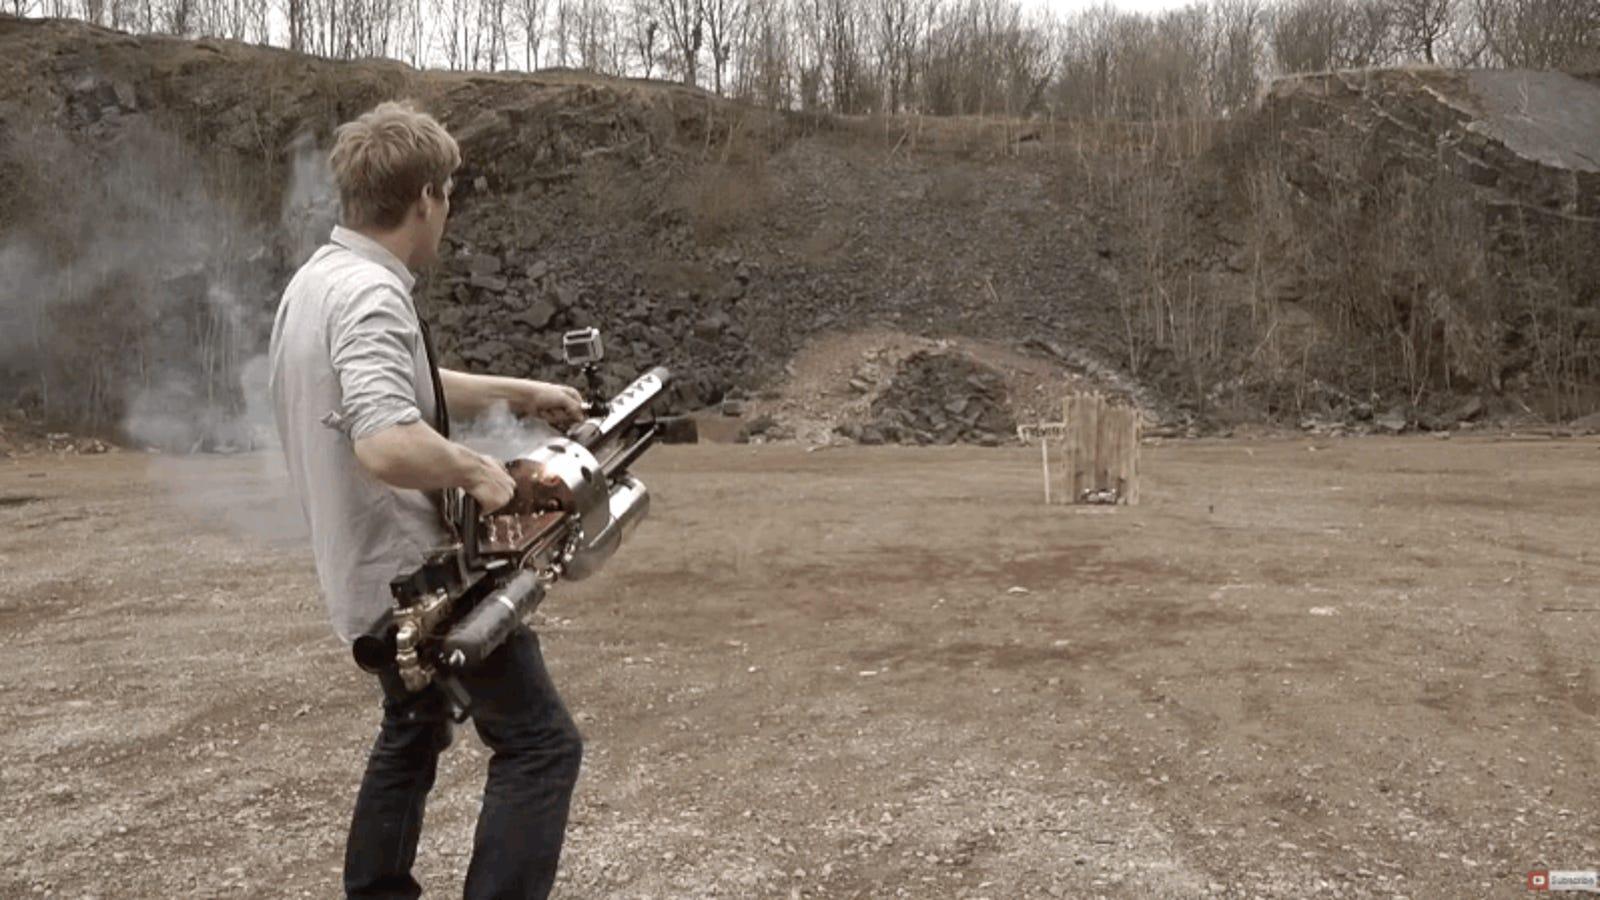 Fabrica su propio cañón para lanzar granadas termita capaces de fundir acero